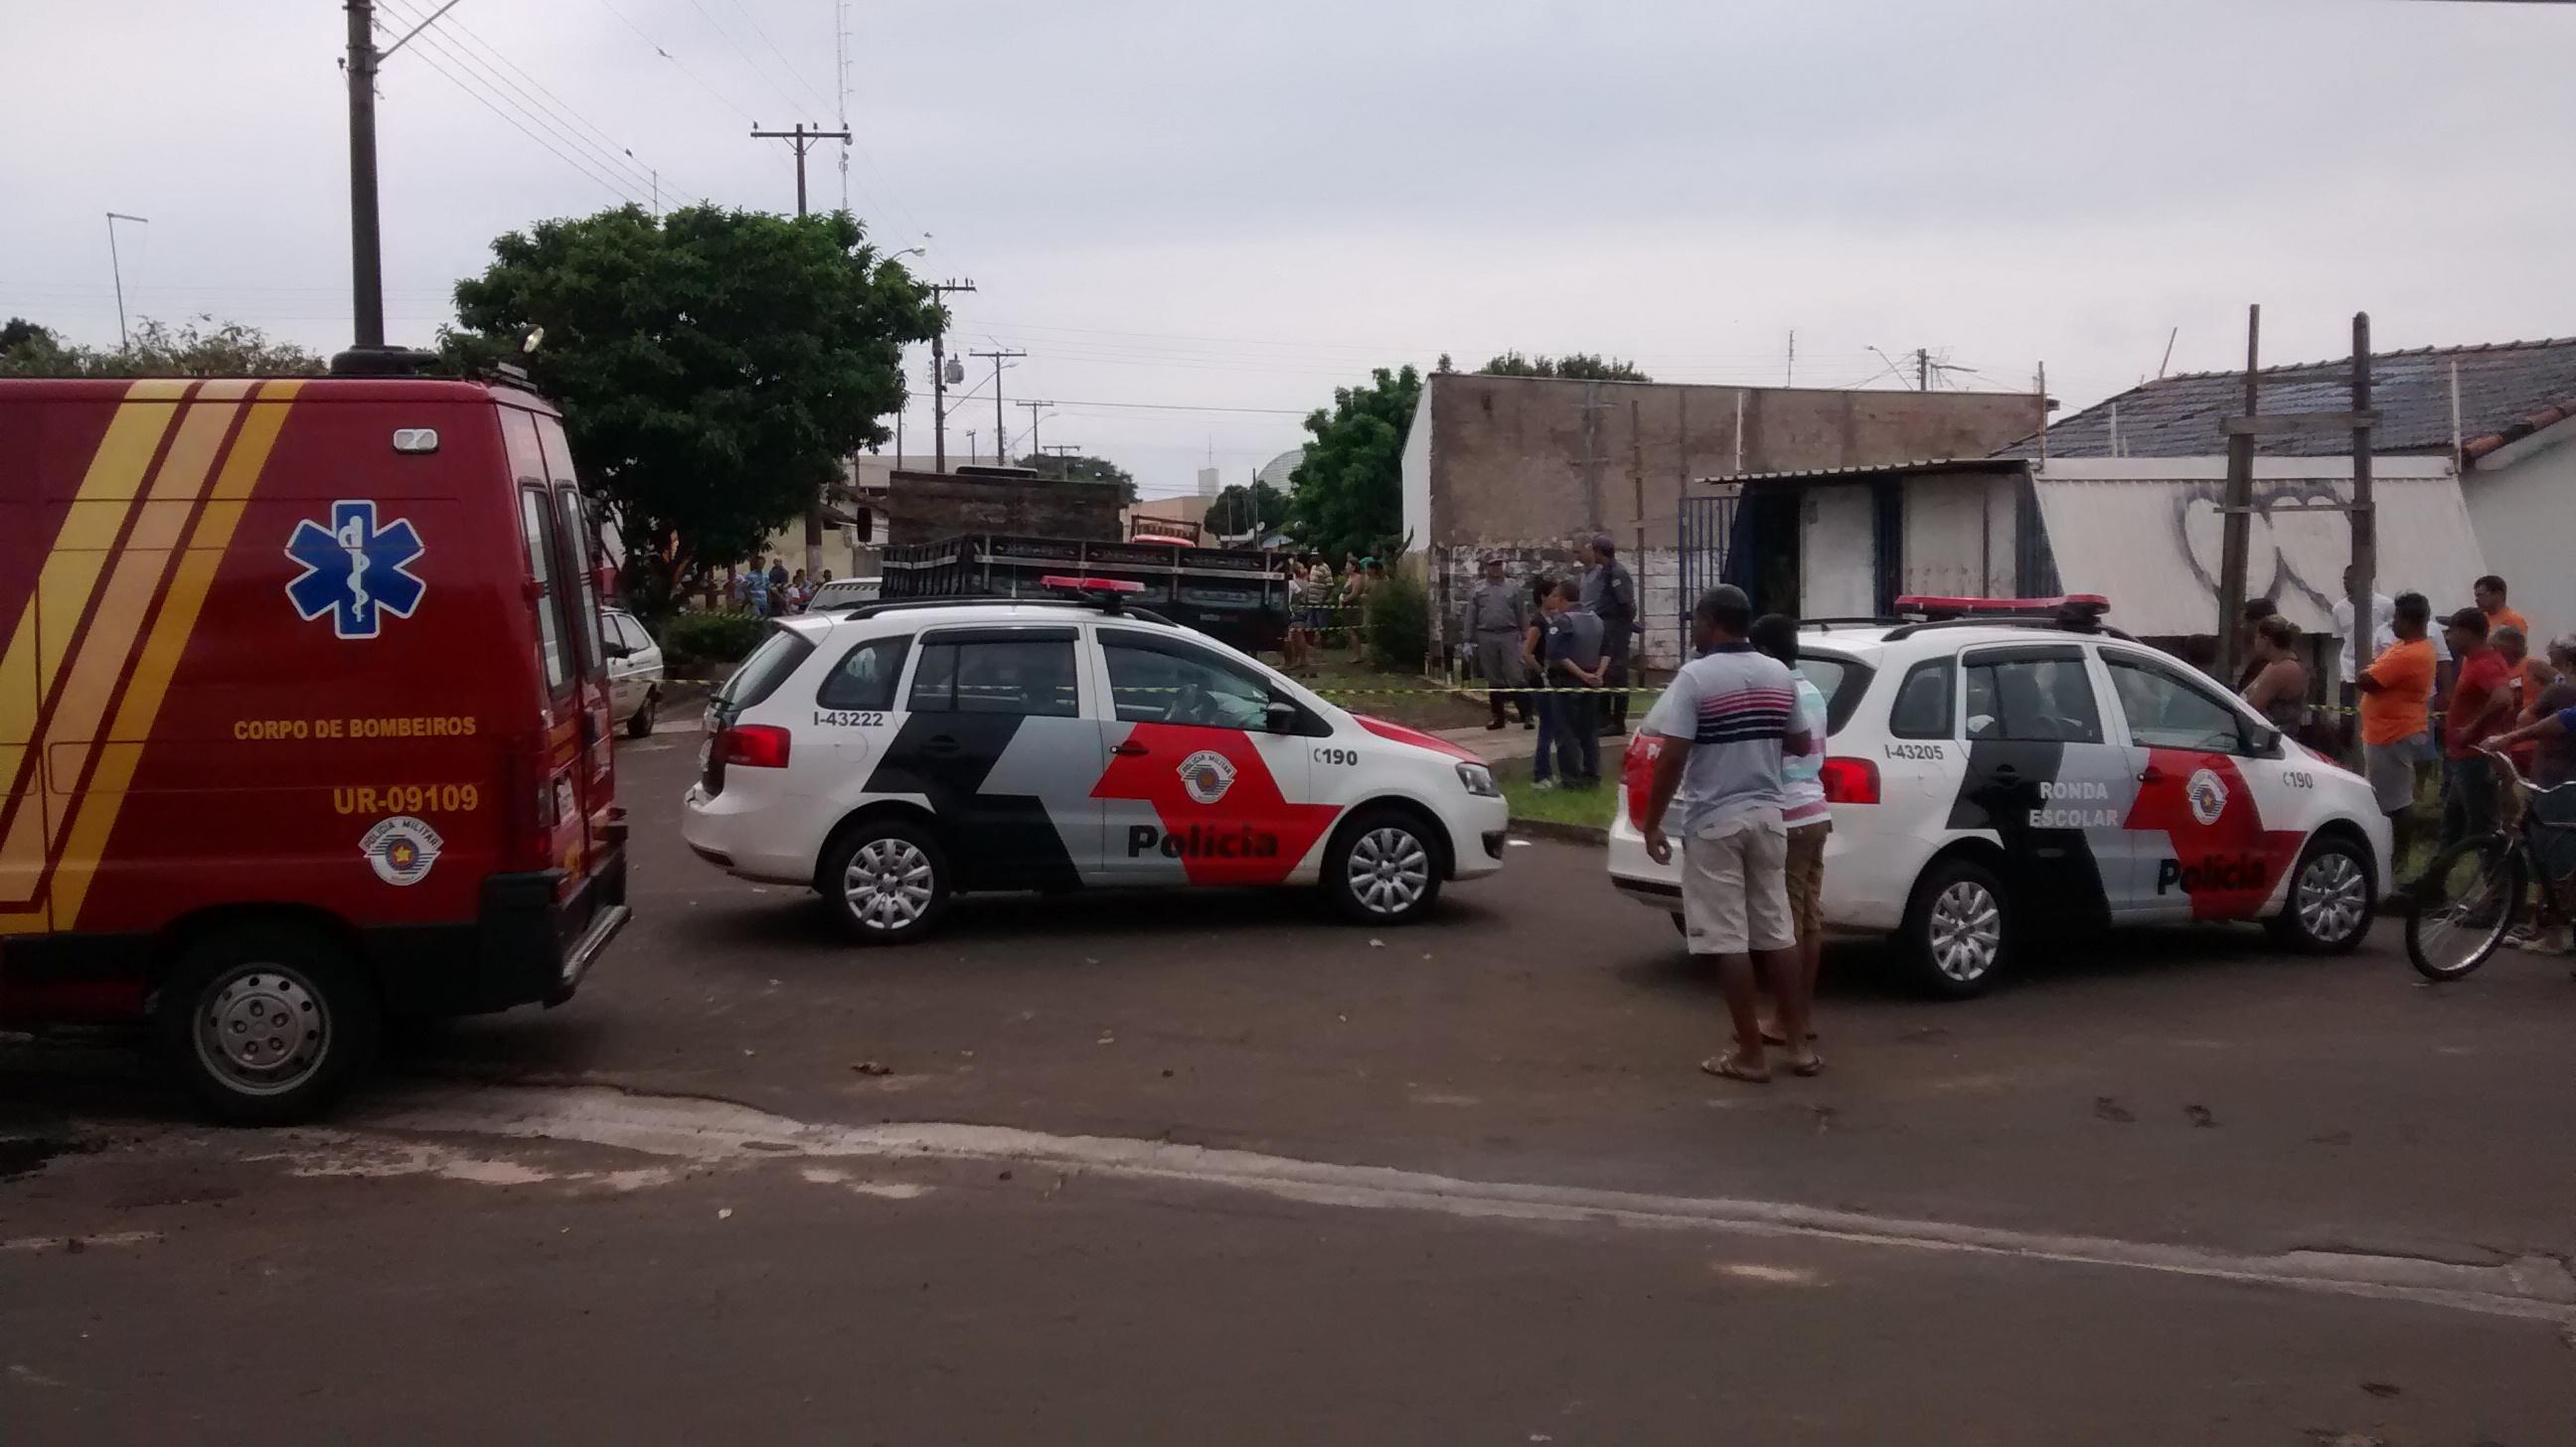 Acidente chocou o bairro Cohab 3, na manhã desta quarta, 27 (Foto: Fábio Penariol/Jornal 101)